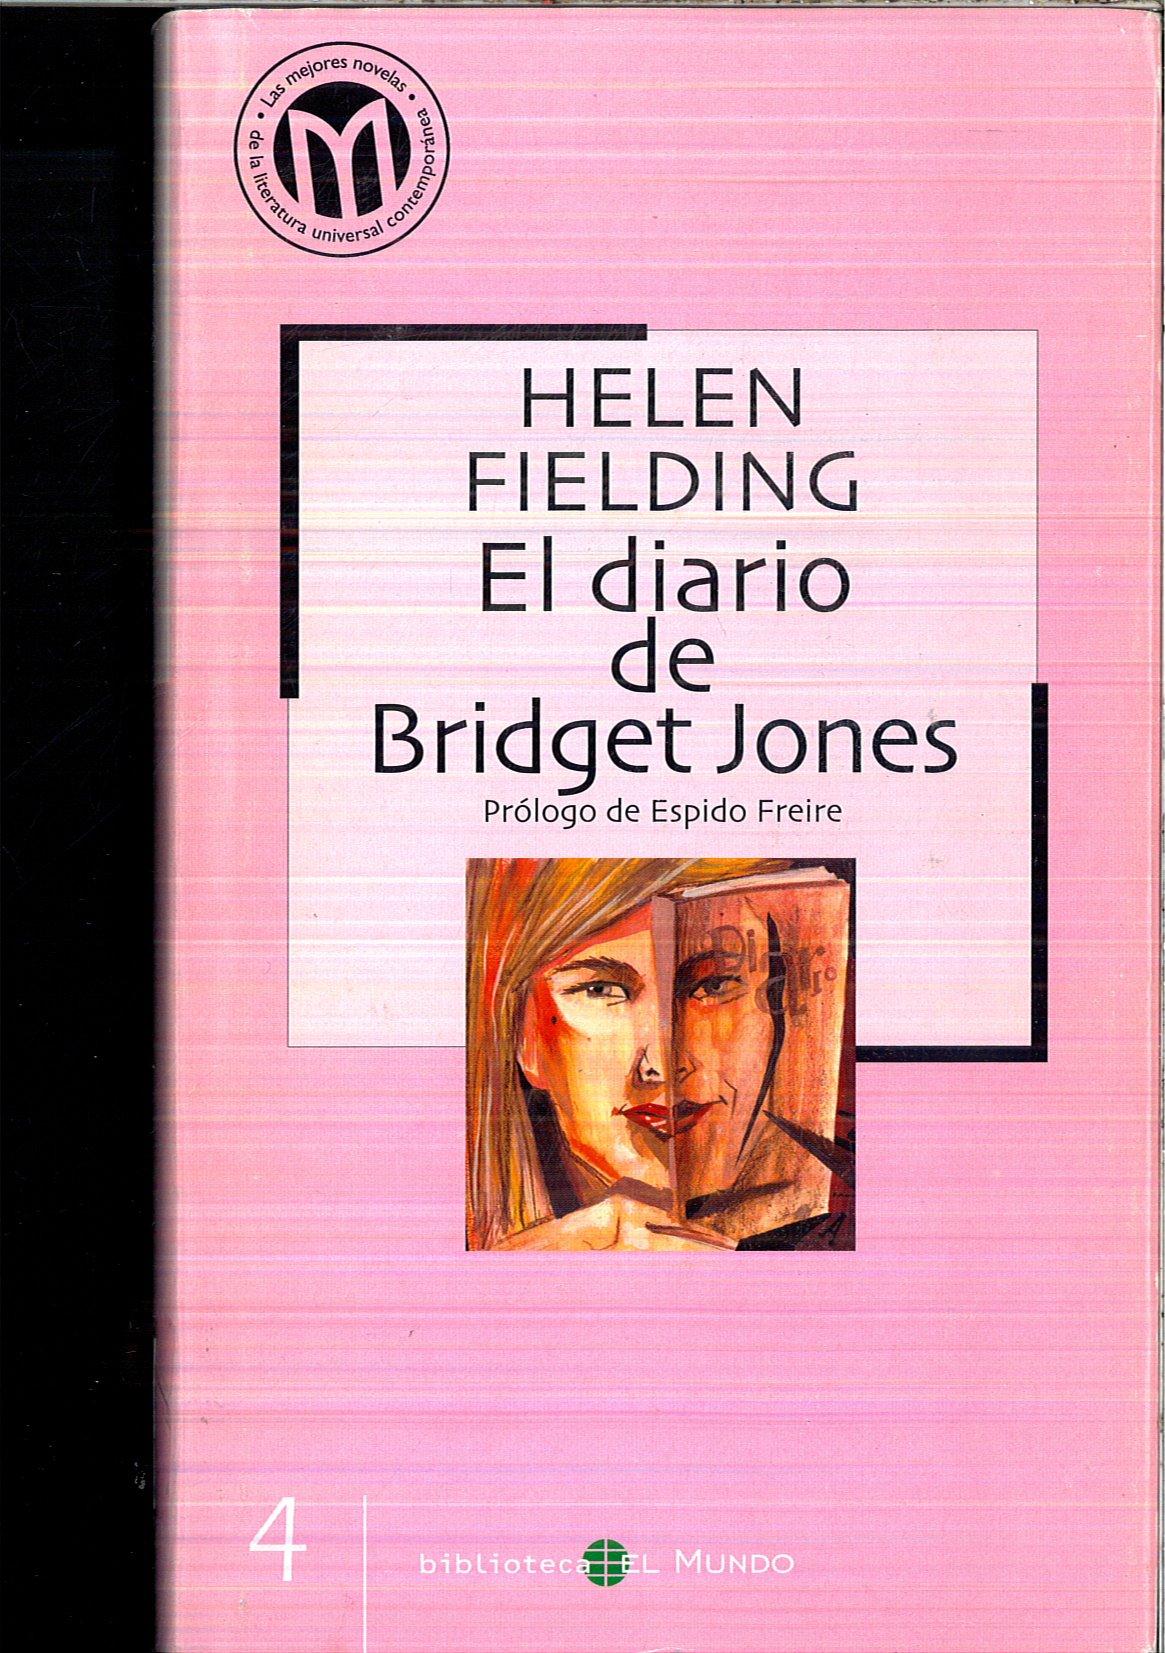 El diario de Bridget Jones, de Helen Fielding